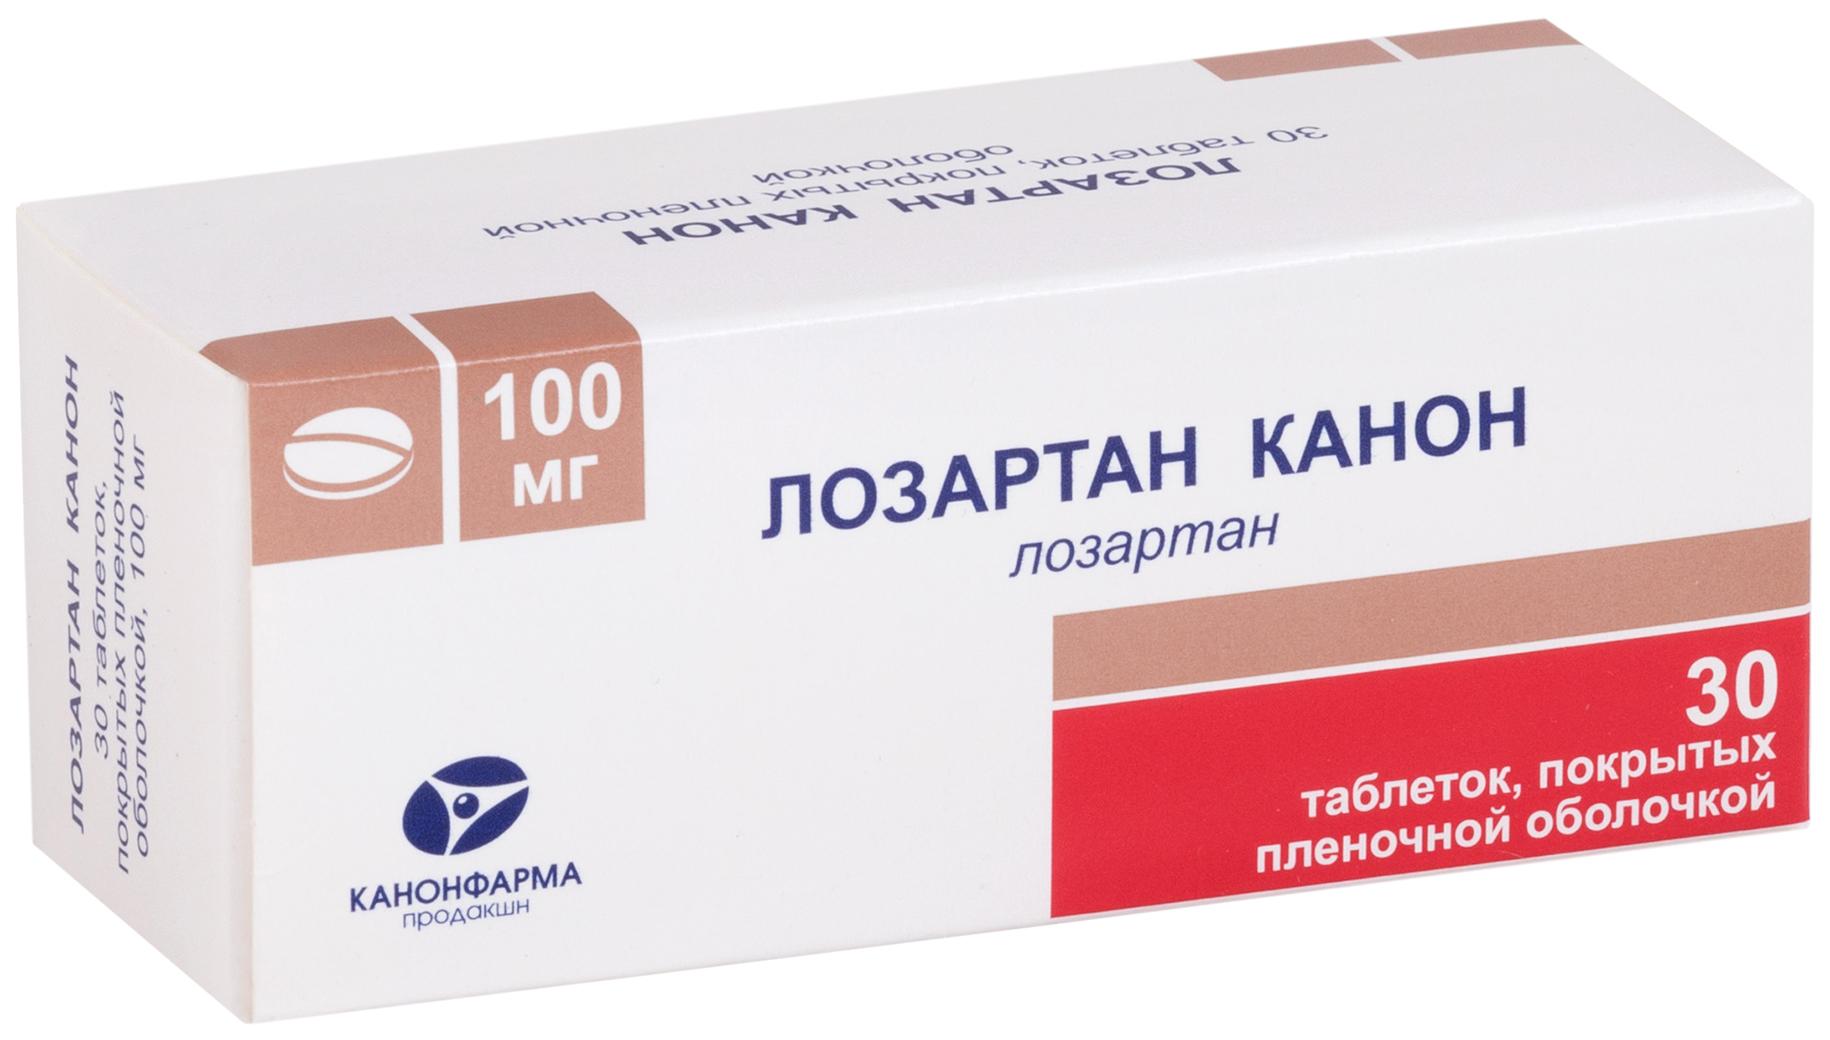 Лозартан Канон таблетки, покрытые пленочной оболочкой